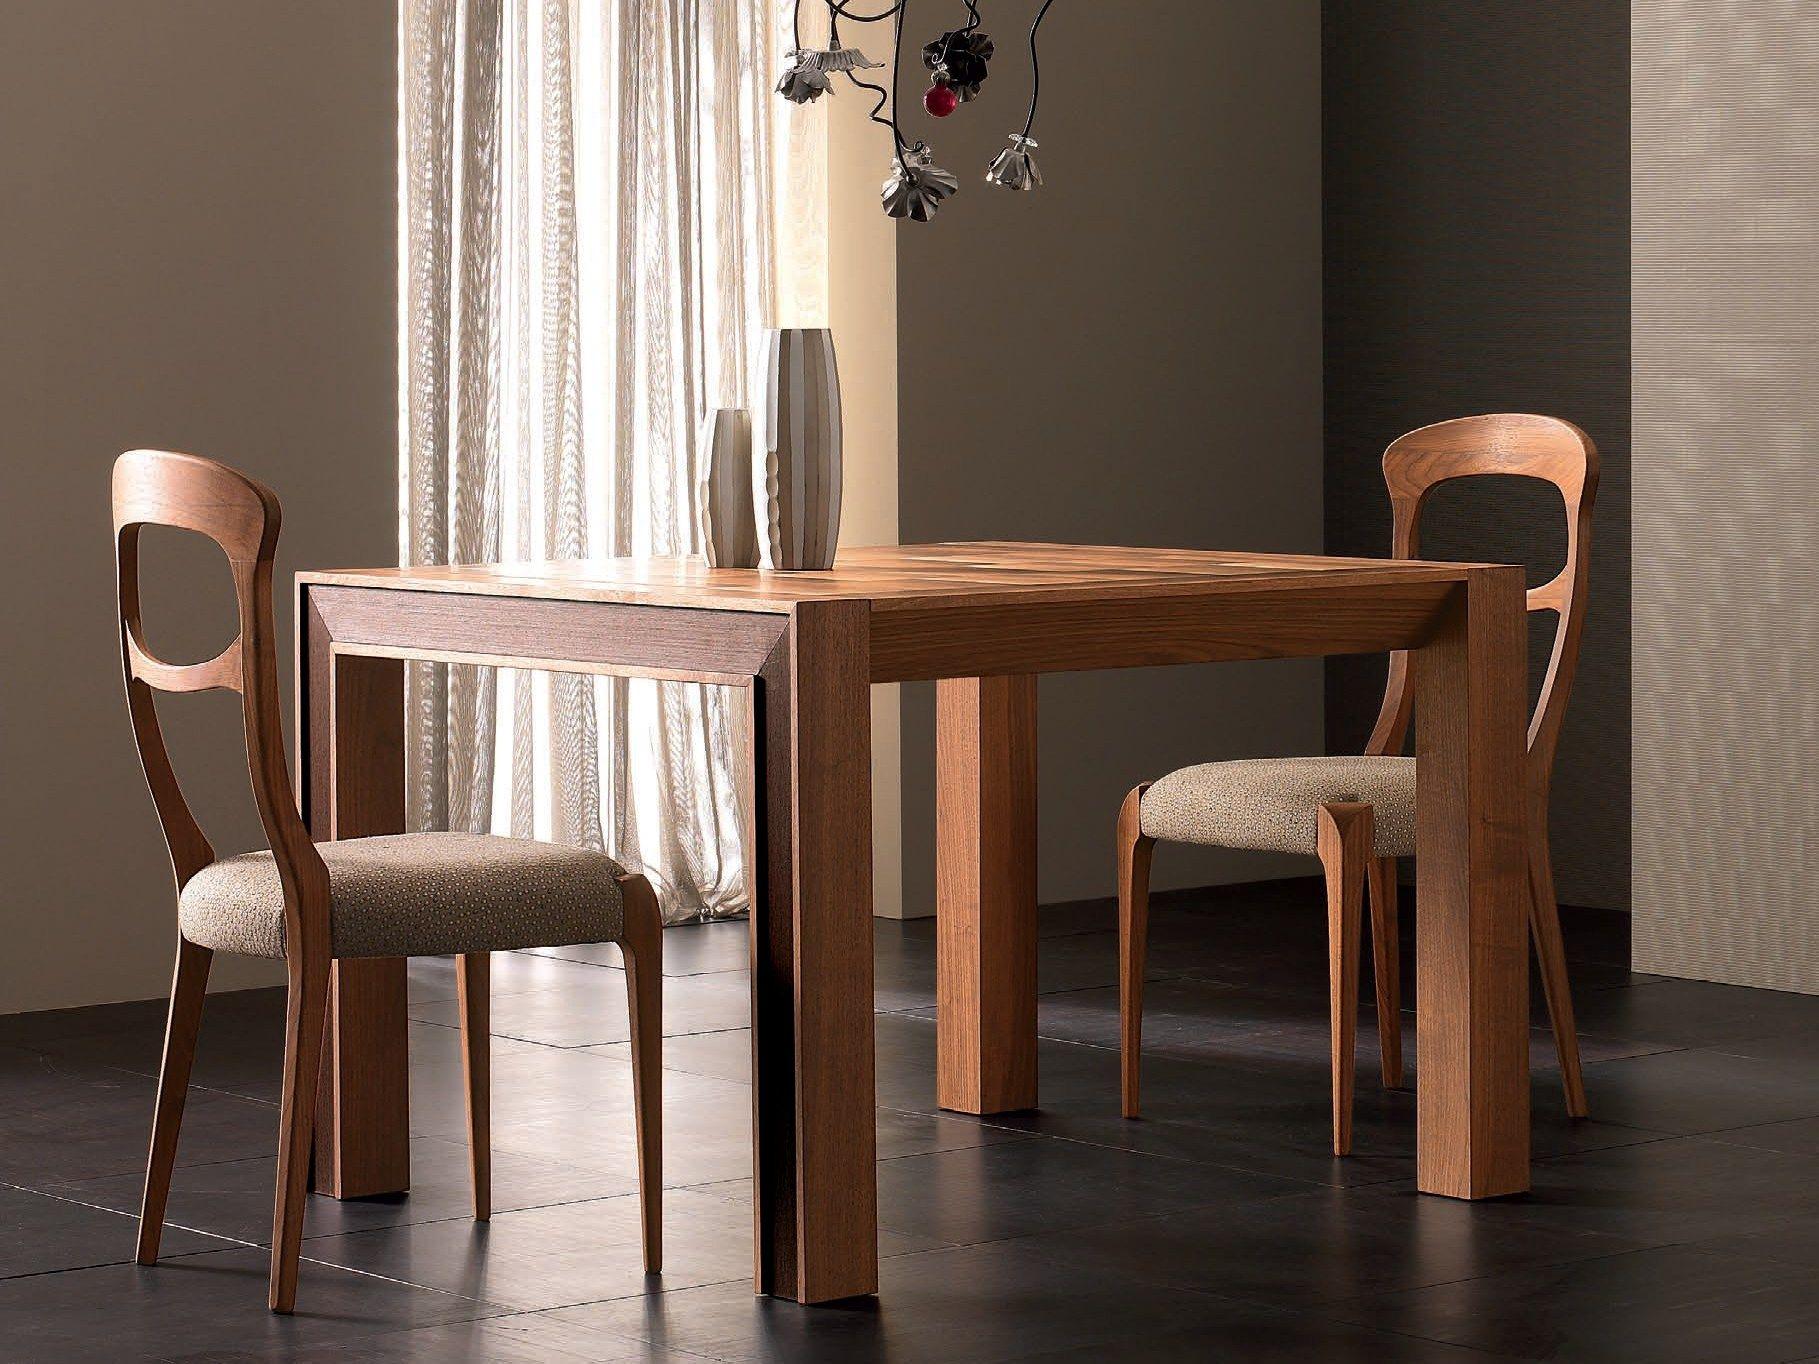 Sedie Per Tavolo Legno Massello tavolo in legno massello - cantiero - belle le sedie (con